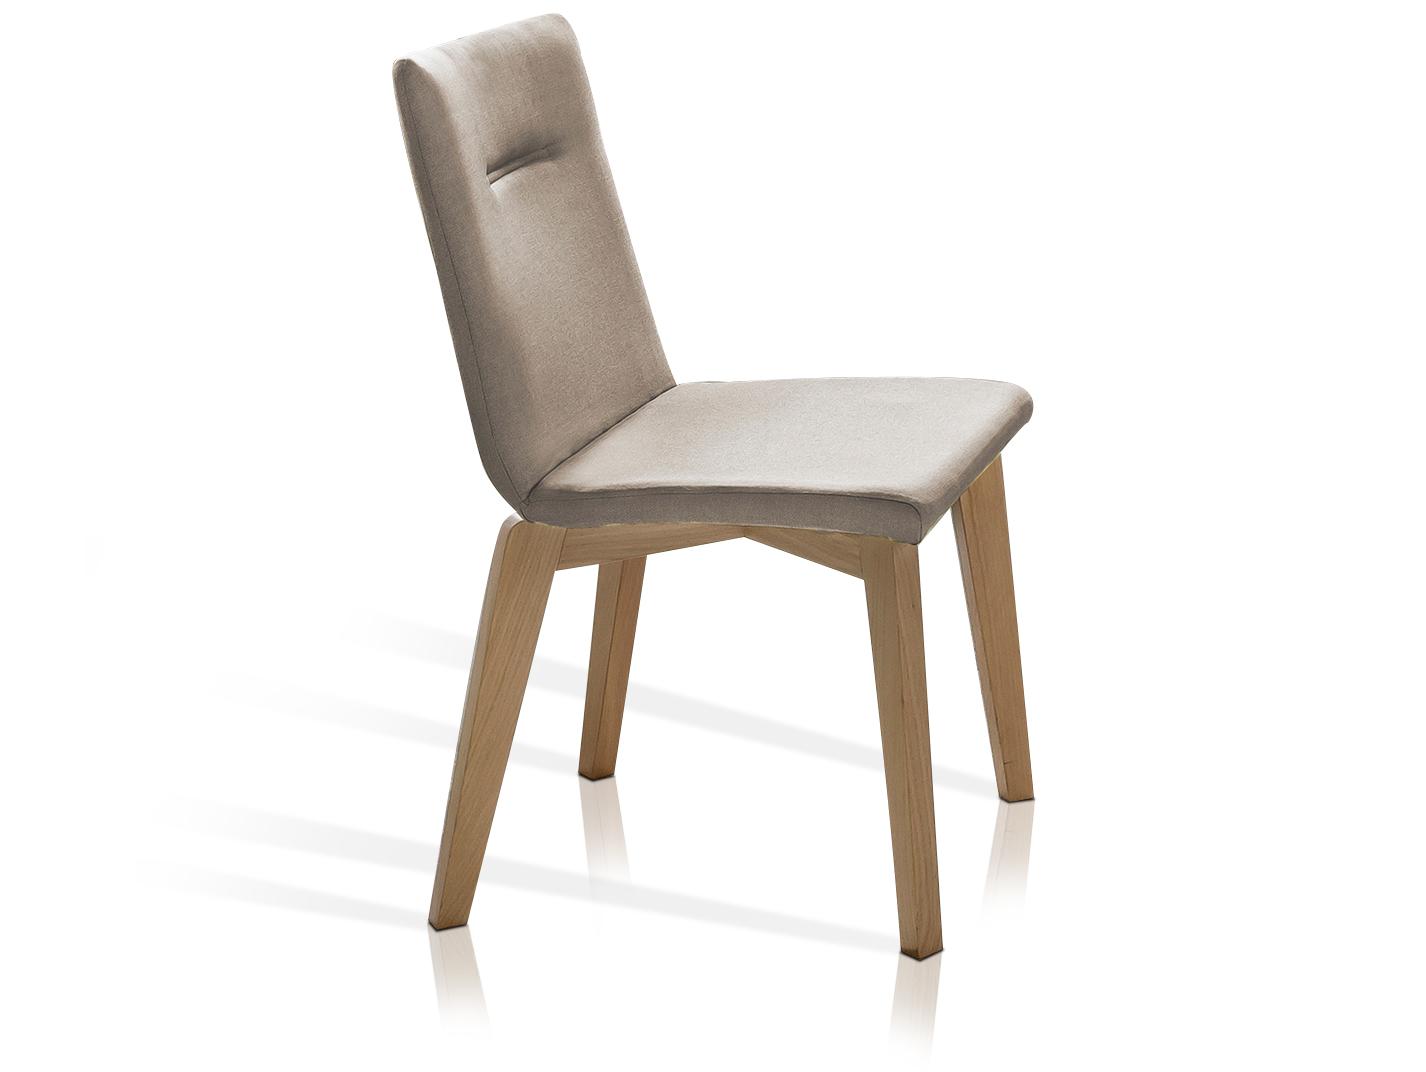 koby esszimmerstuhl taupe. Black Bedroom Furniture Sets. Home Design Ideas